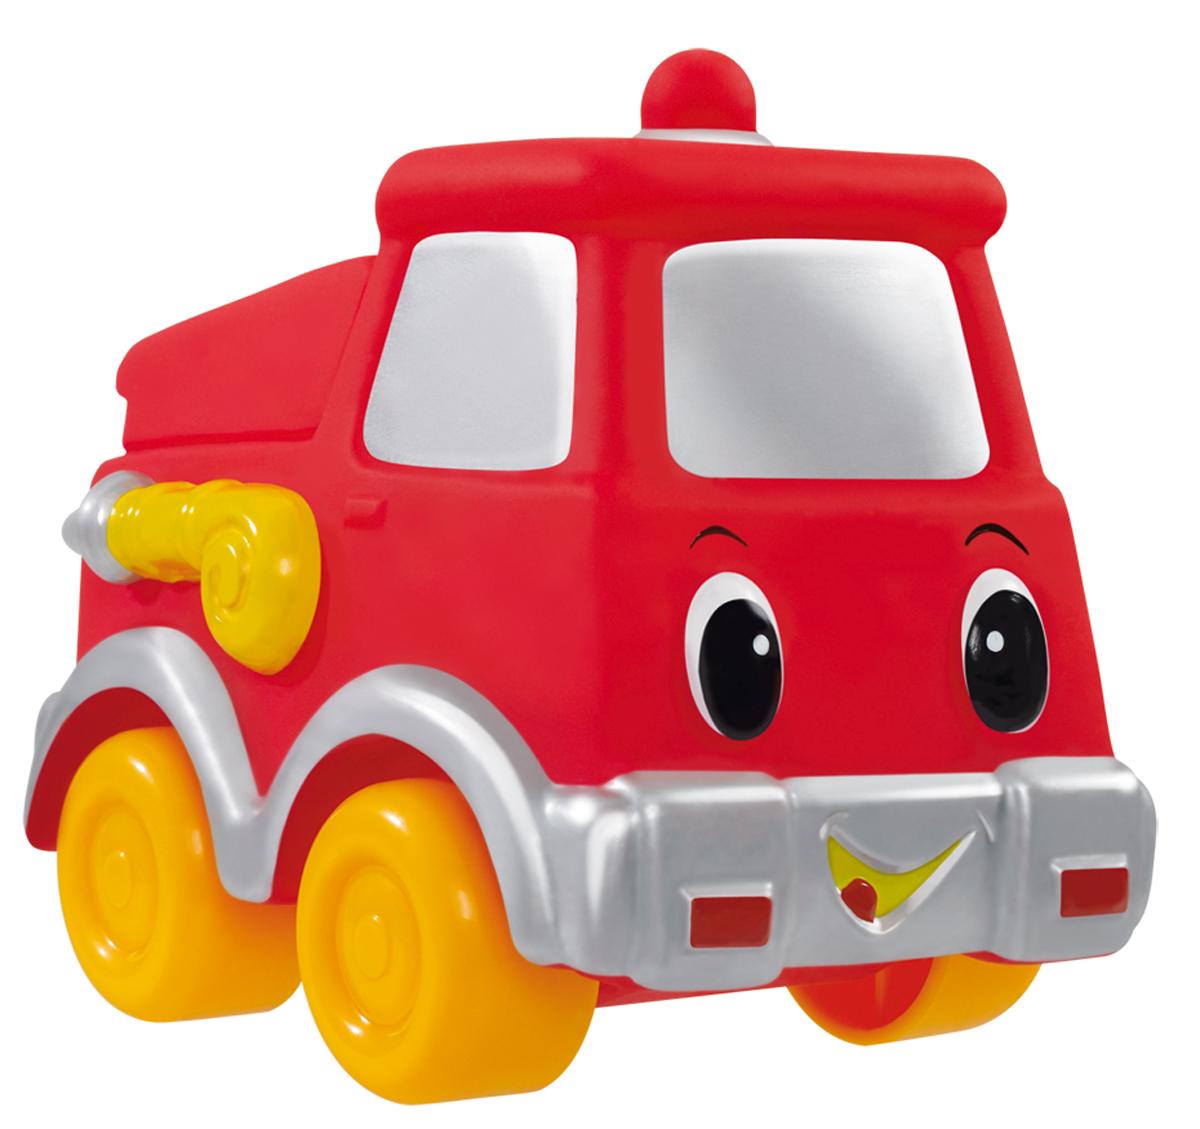 Simba Машинка цвет красный4019687_красныйМашинка Simba обязательно понравится вашему маленькому гонщику и надолго увлечет его. Игрушка выполнена из безопасного гибкого пластика в виде пожарной машины. Колесики выполнены из твердого пластика. Машинка имеет обтекаемую форму без острых углов, благодаря чему игра с ней совершенно безопасна для ребенка. Также игрушка имеет отверстие снизу, благодаря чему играть с ней можно и в ванной. Игры с такой машинкой развивают концентрацию внимания, координацию движений, мелкую и крупную моторику, цветовое восприятие и воображение. Малыш будет часами играть с этой машинкой, придумывая разные истории. Порадуйте своего ребенка таким замечательным подарком!